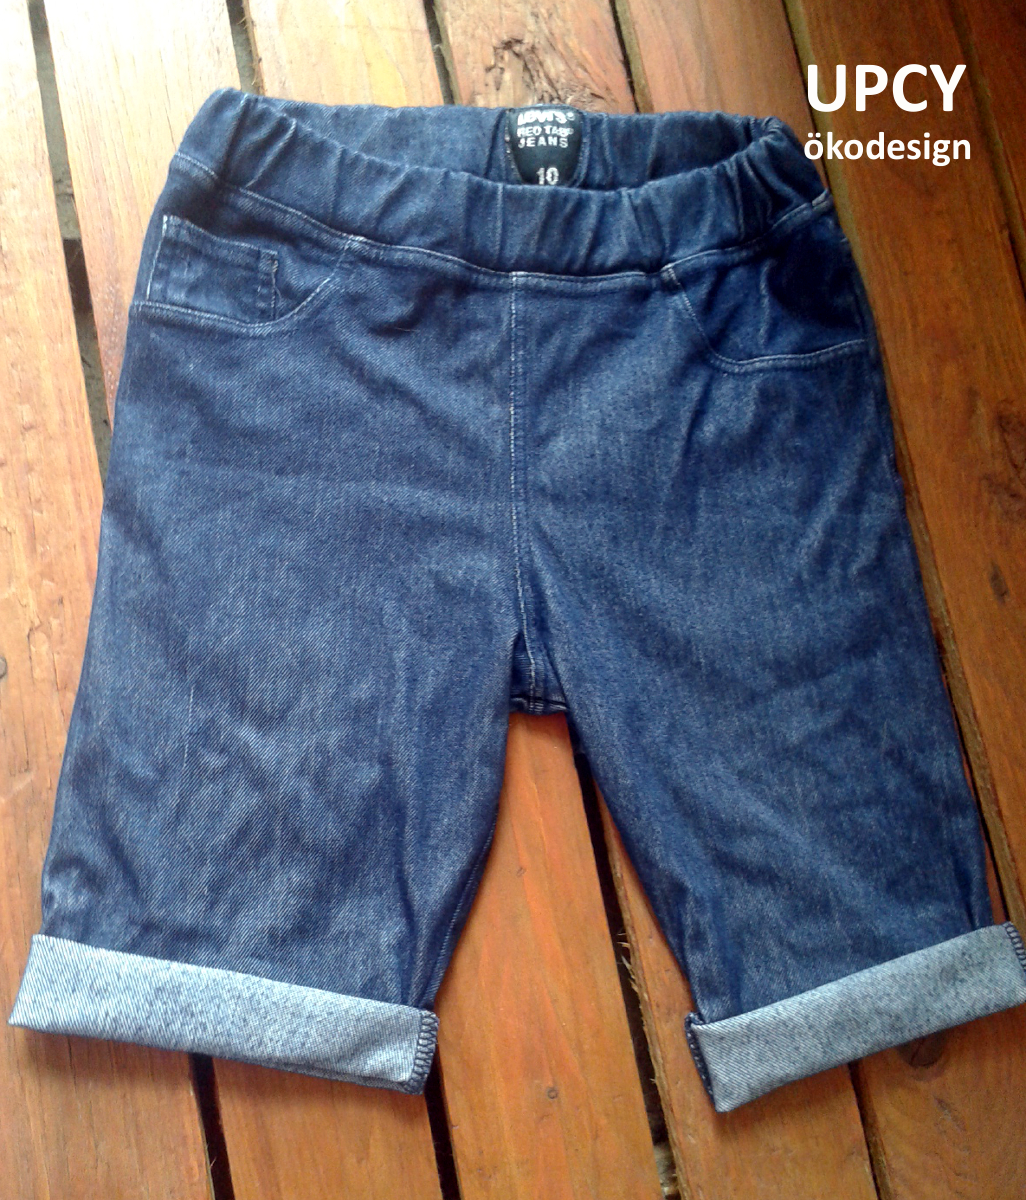 upcy_leggings05.jpg